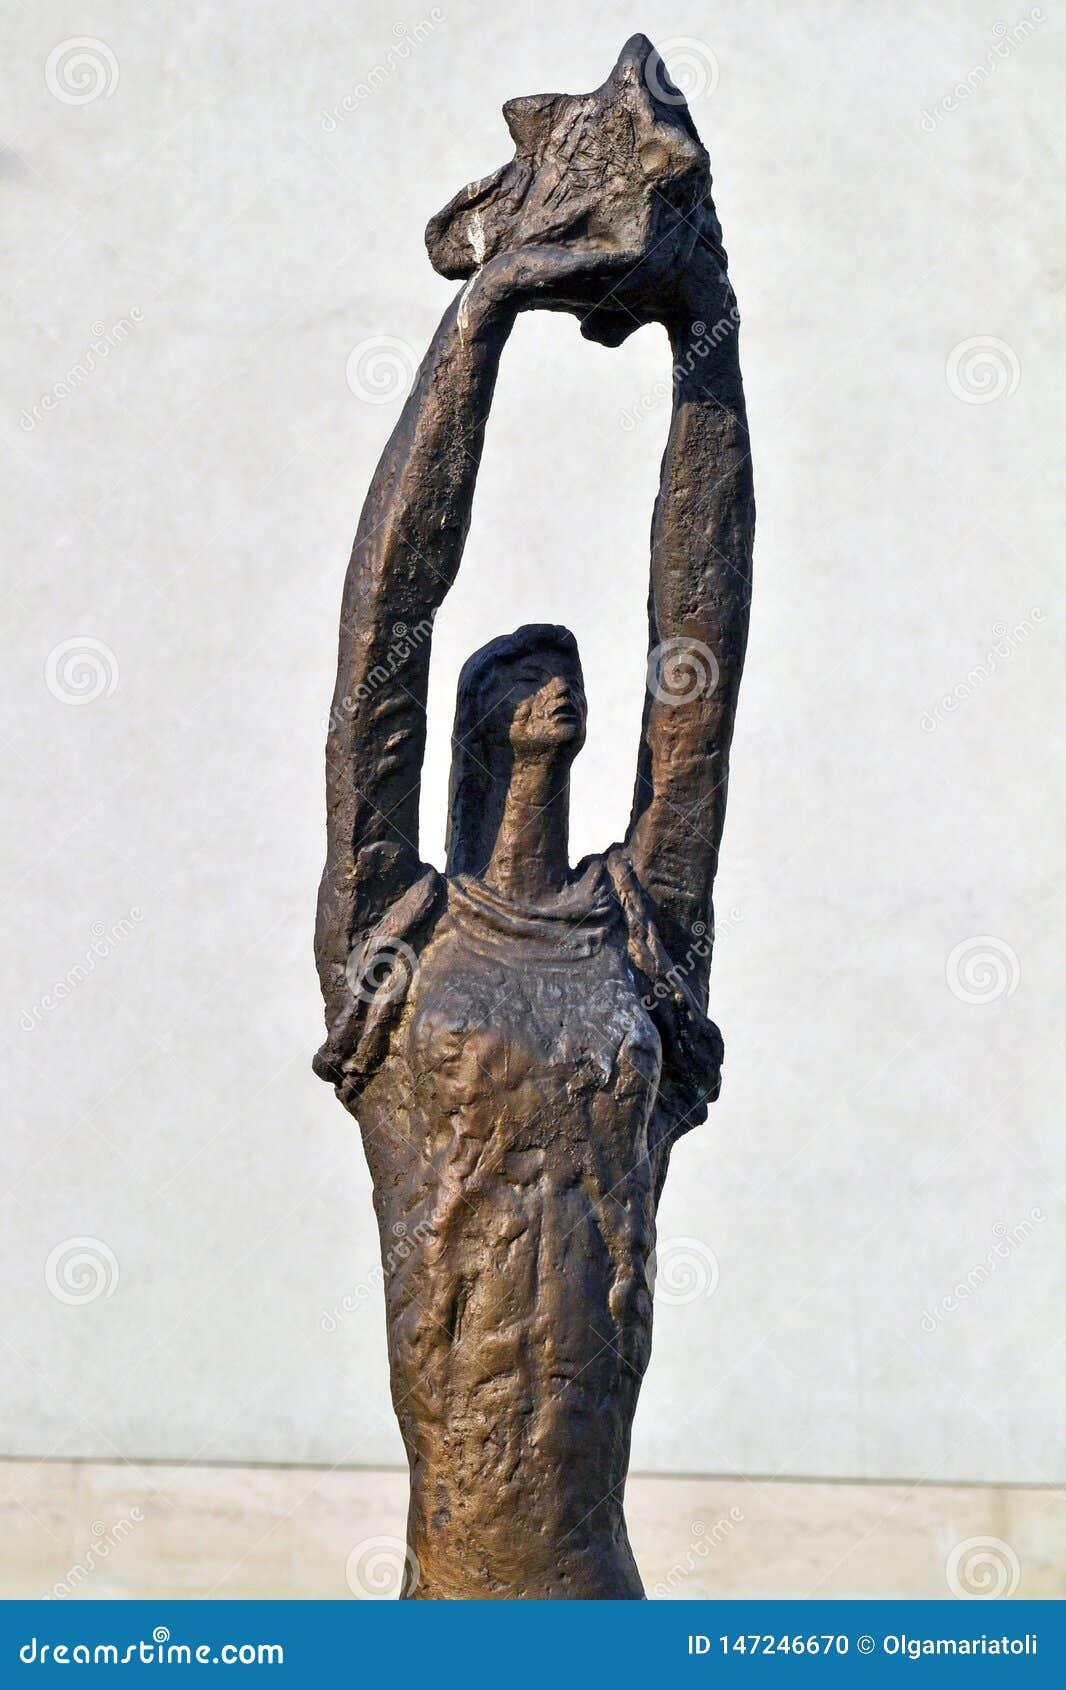 Sofia/Bulgarien - November 2017: Sowjet-?rastatue im Museum der sozialistischen Kunst